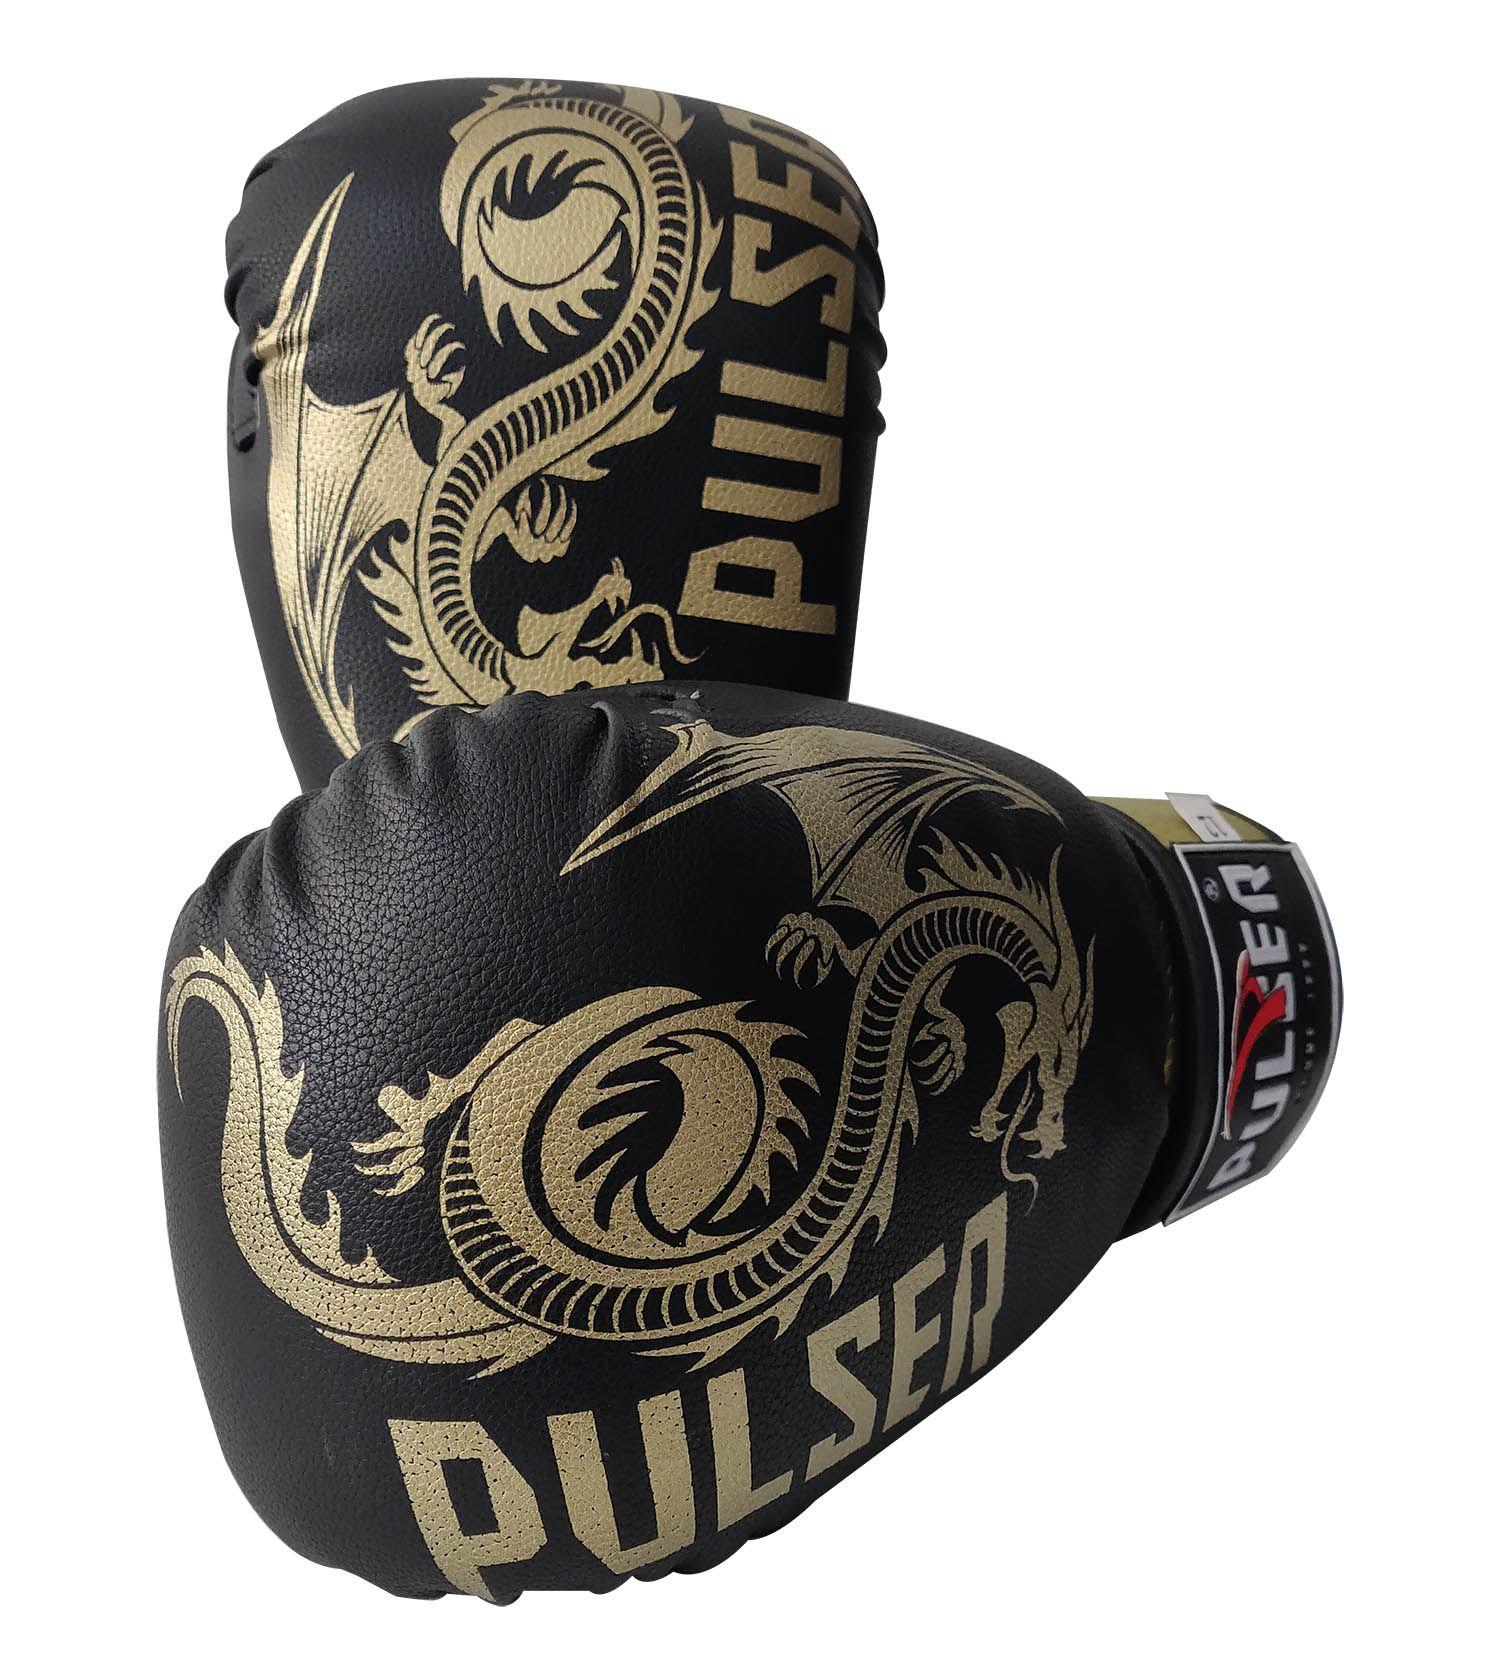 Luva de Boxe / Muay Thai 12oz - Dragão Preto e Dourado New -Pulser  - PRALUTA SHOP